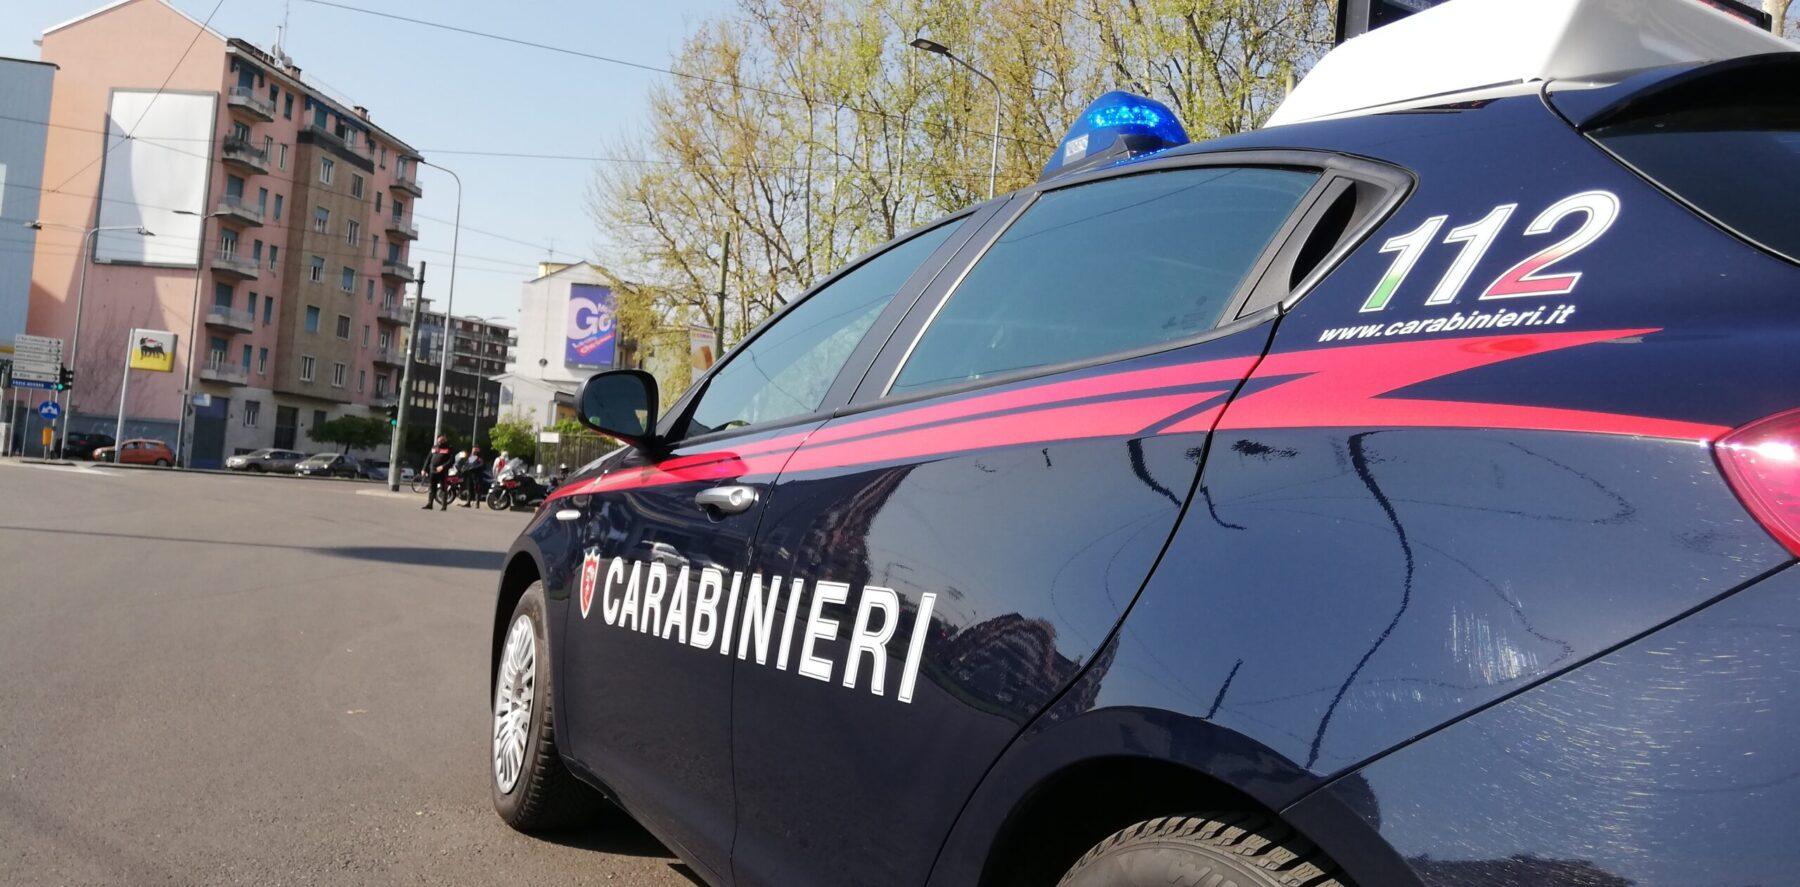 rapinatori Milano provincia - Beccati i rapinatori del supermercato. Senago 09/04/2021